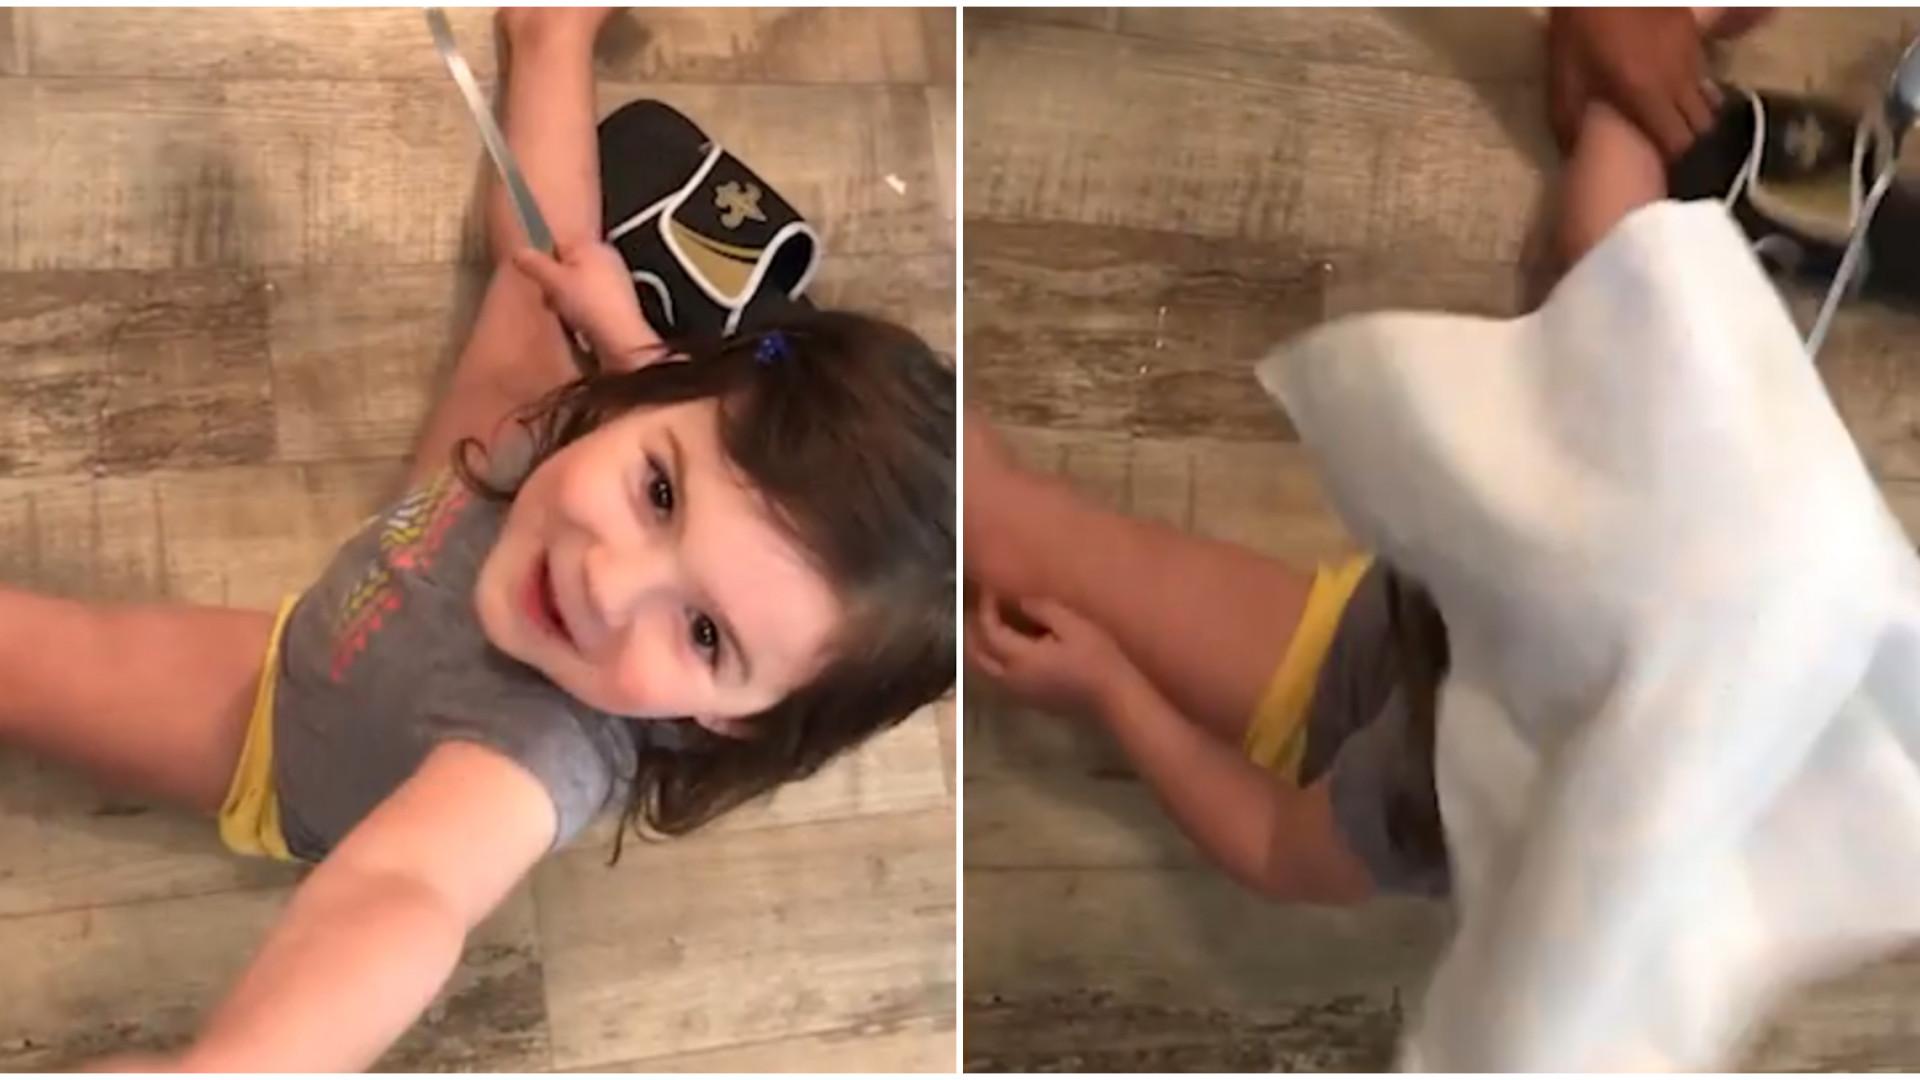 Criança fica muito chateada com pegadinha do pai; assista